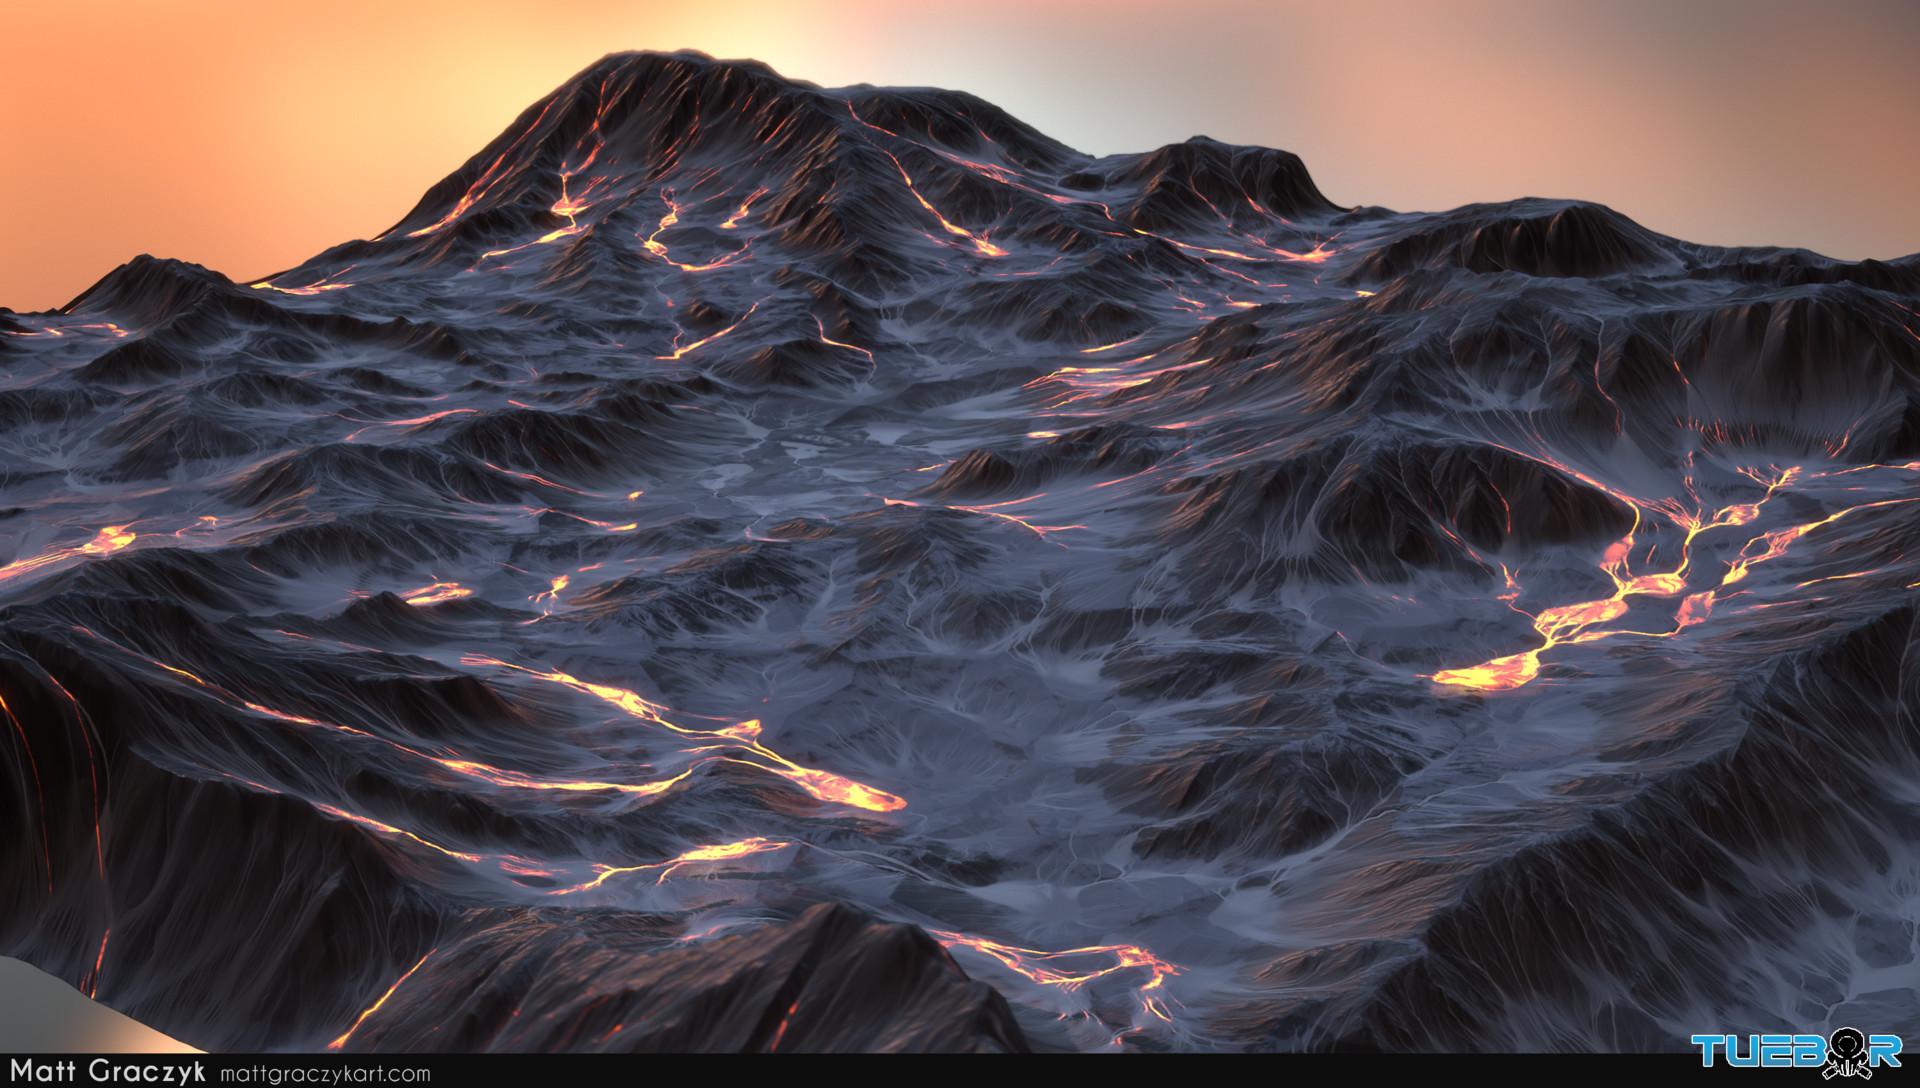 Matt graczyk tuebor lavaflow terrain 1